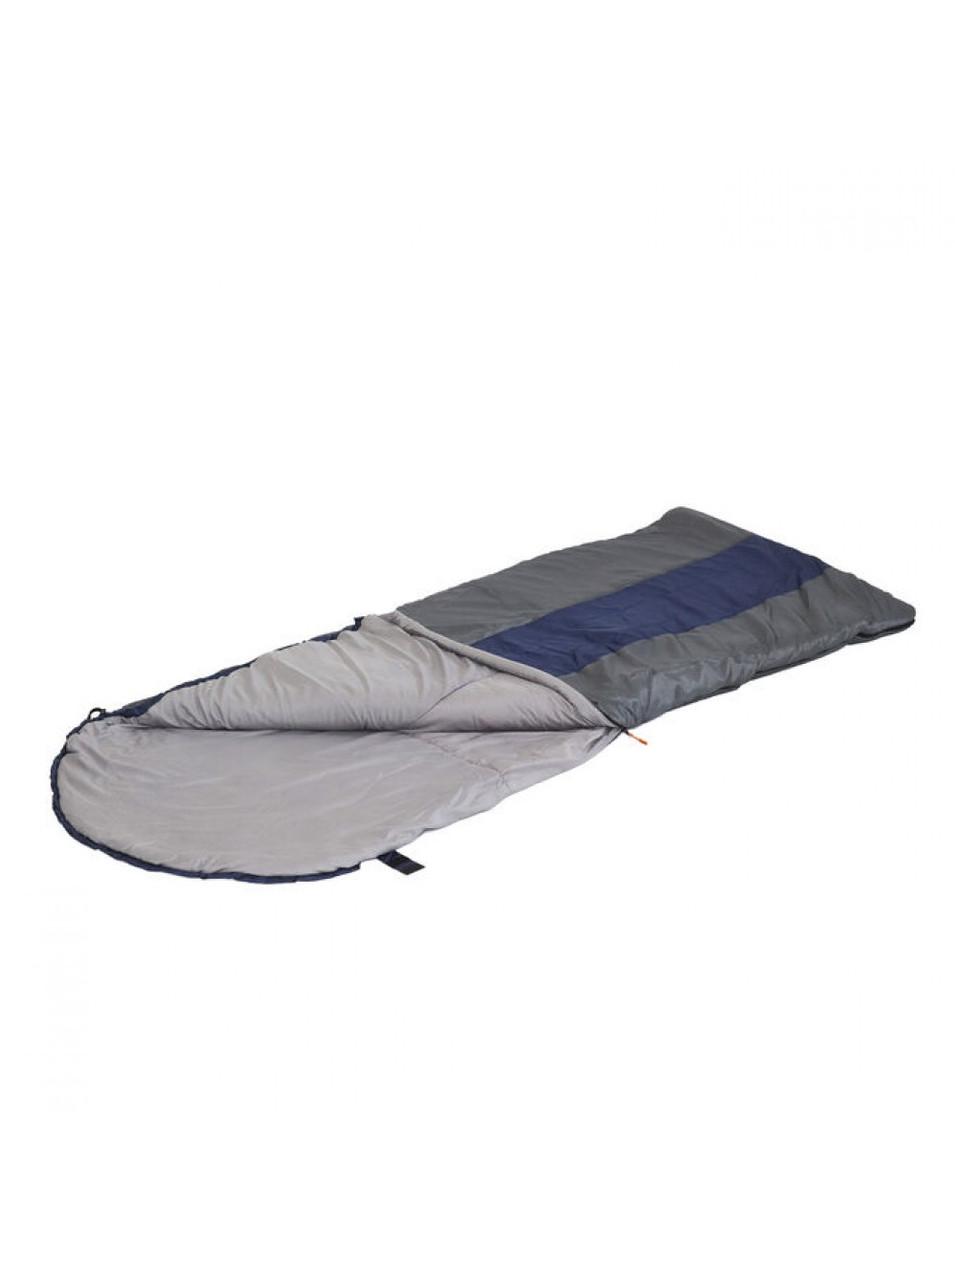 """Спальный мешок с подголовником """"СЛЕДОПЫТ- Traveller XL"""", 190+35х85 см.,3х слойный, цв.темно-серый/5/2316"""